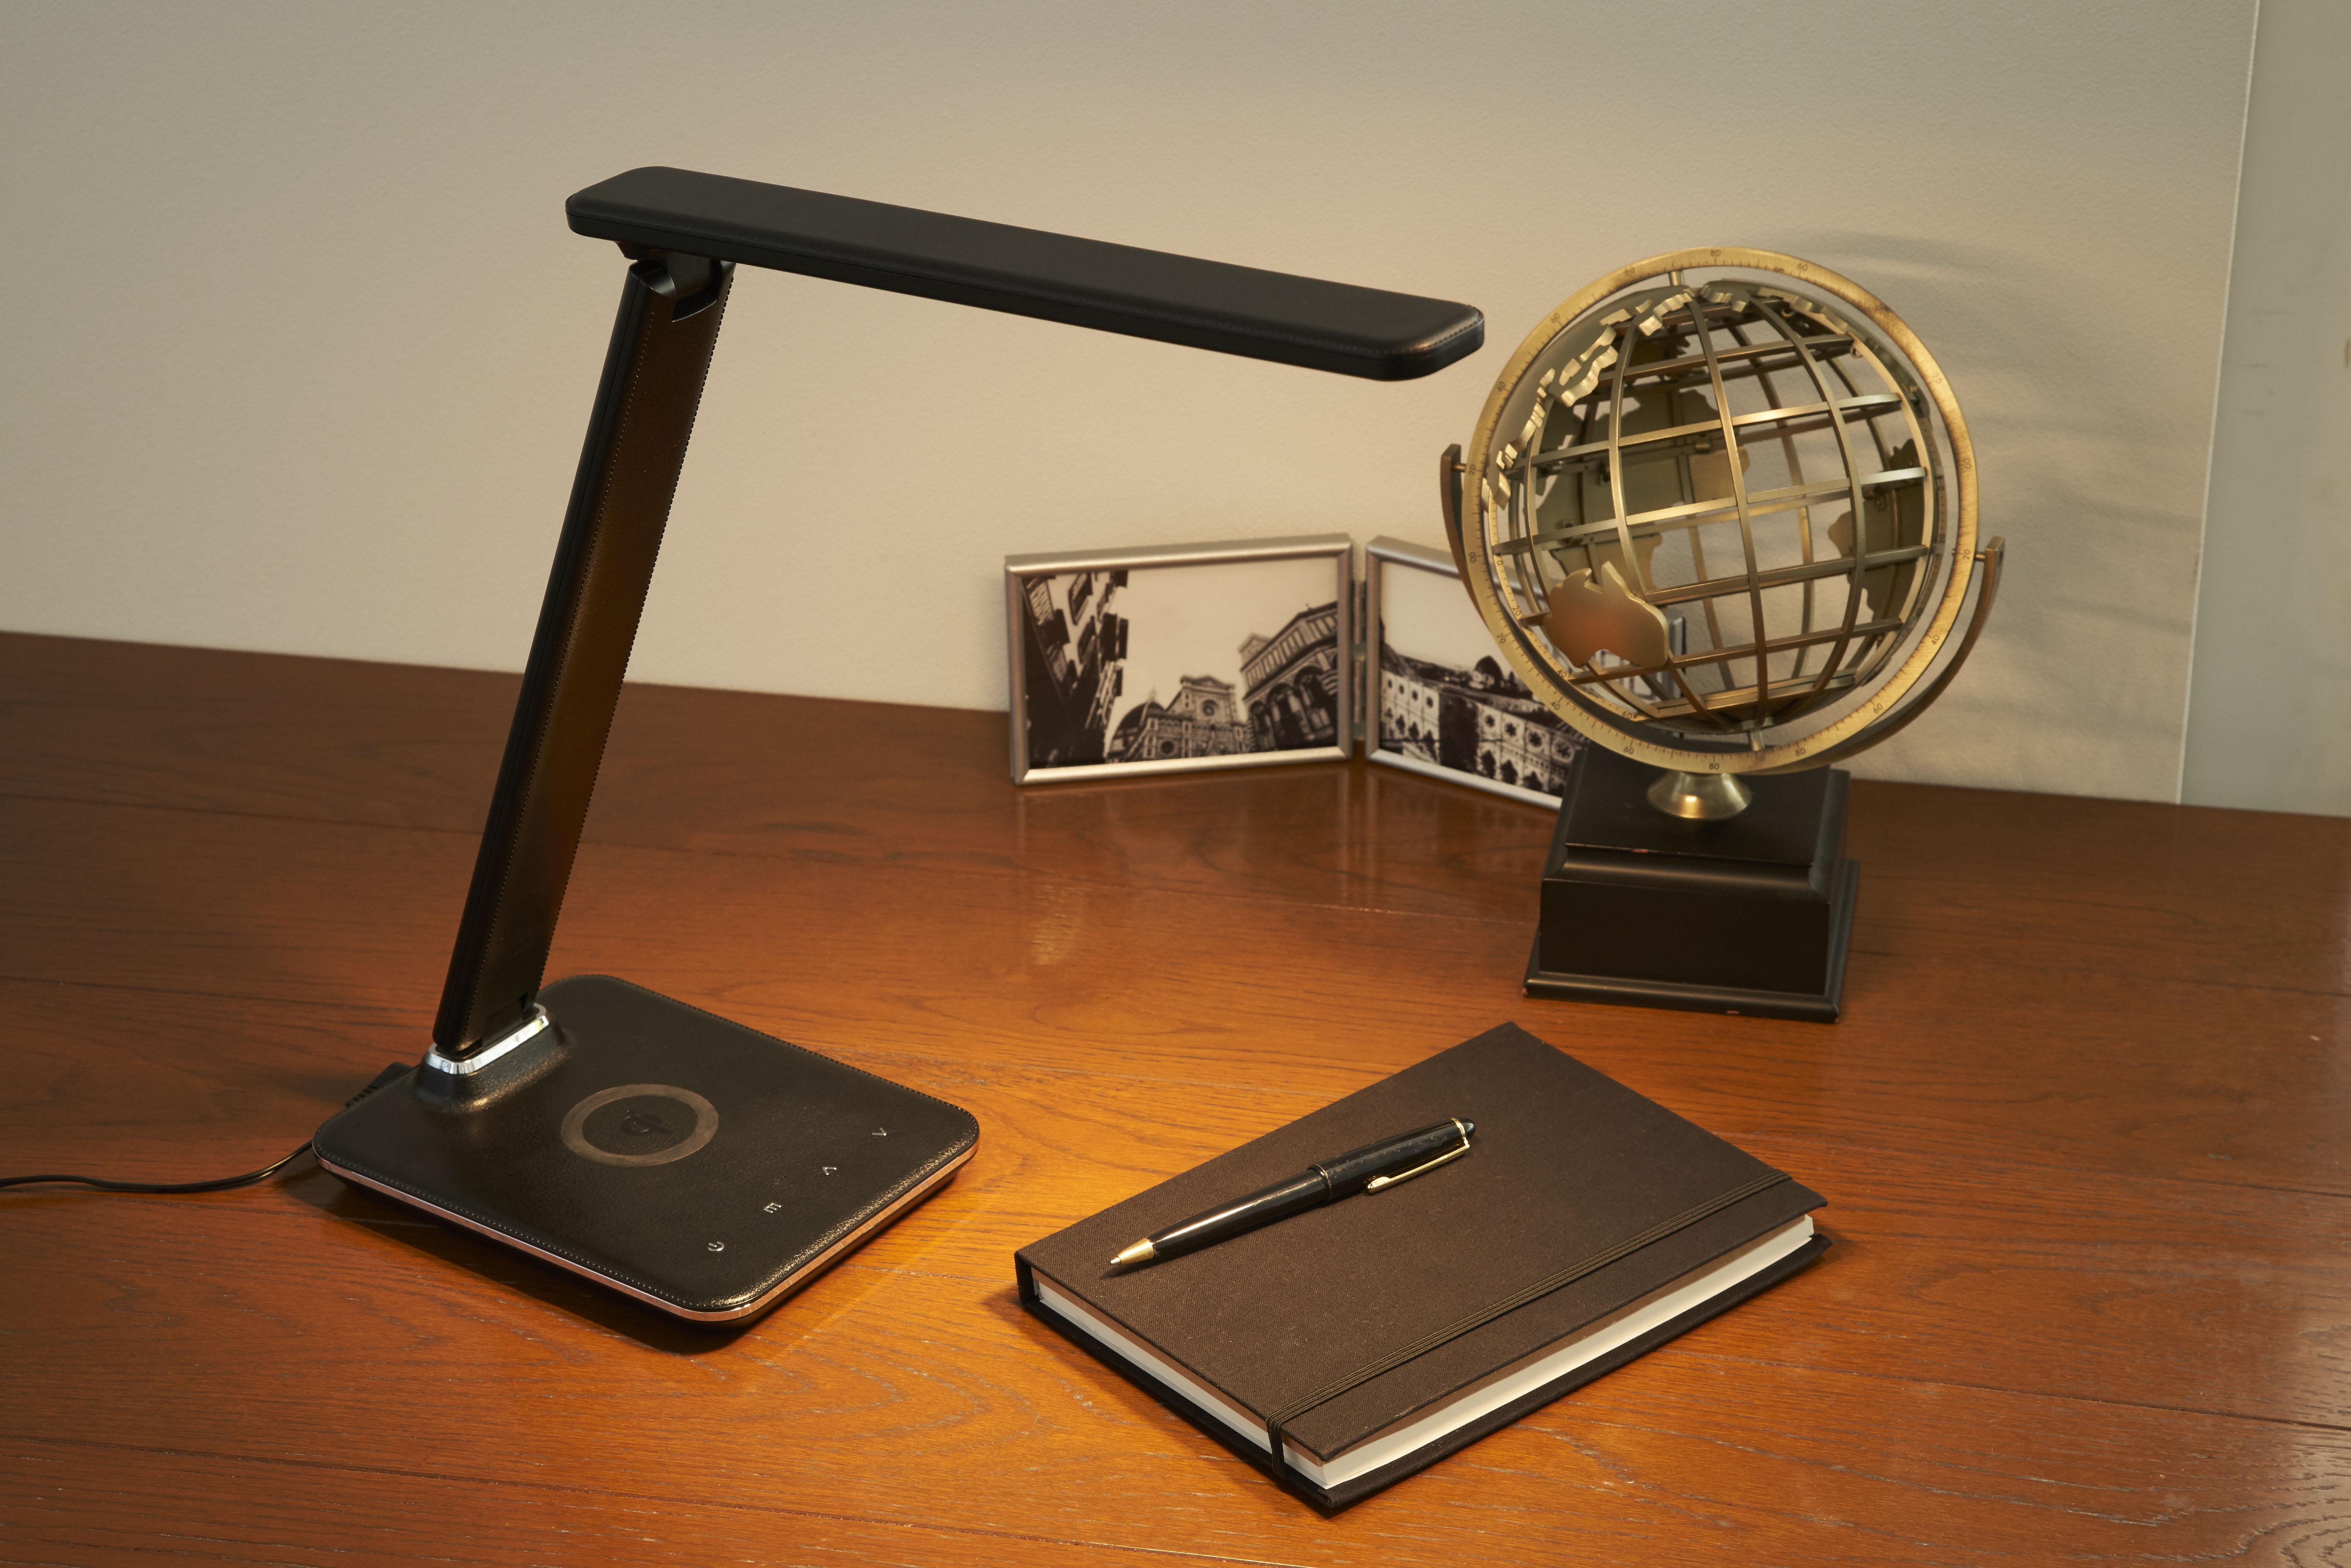 【オリンピア照明】LEDビジネスデスクランプ 黒